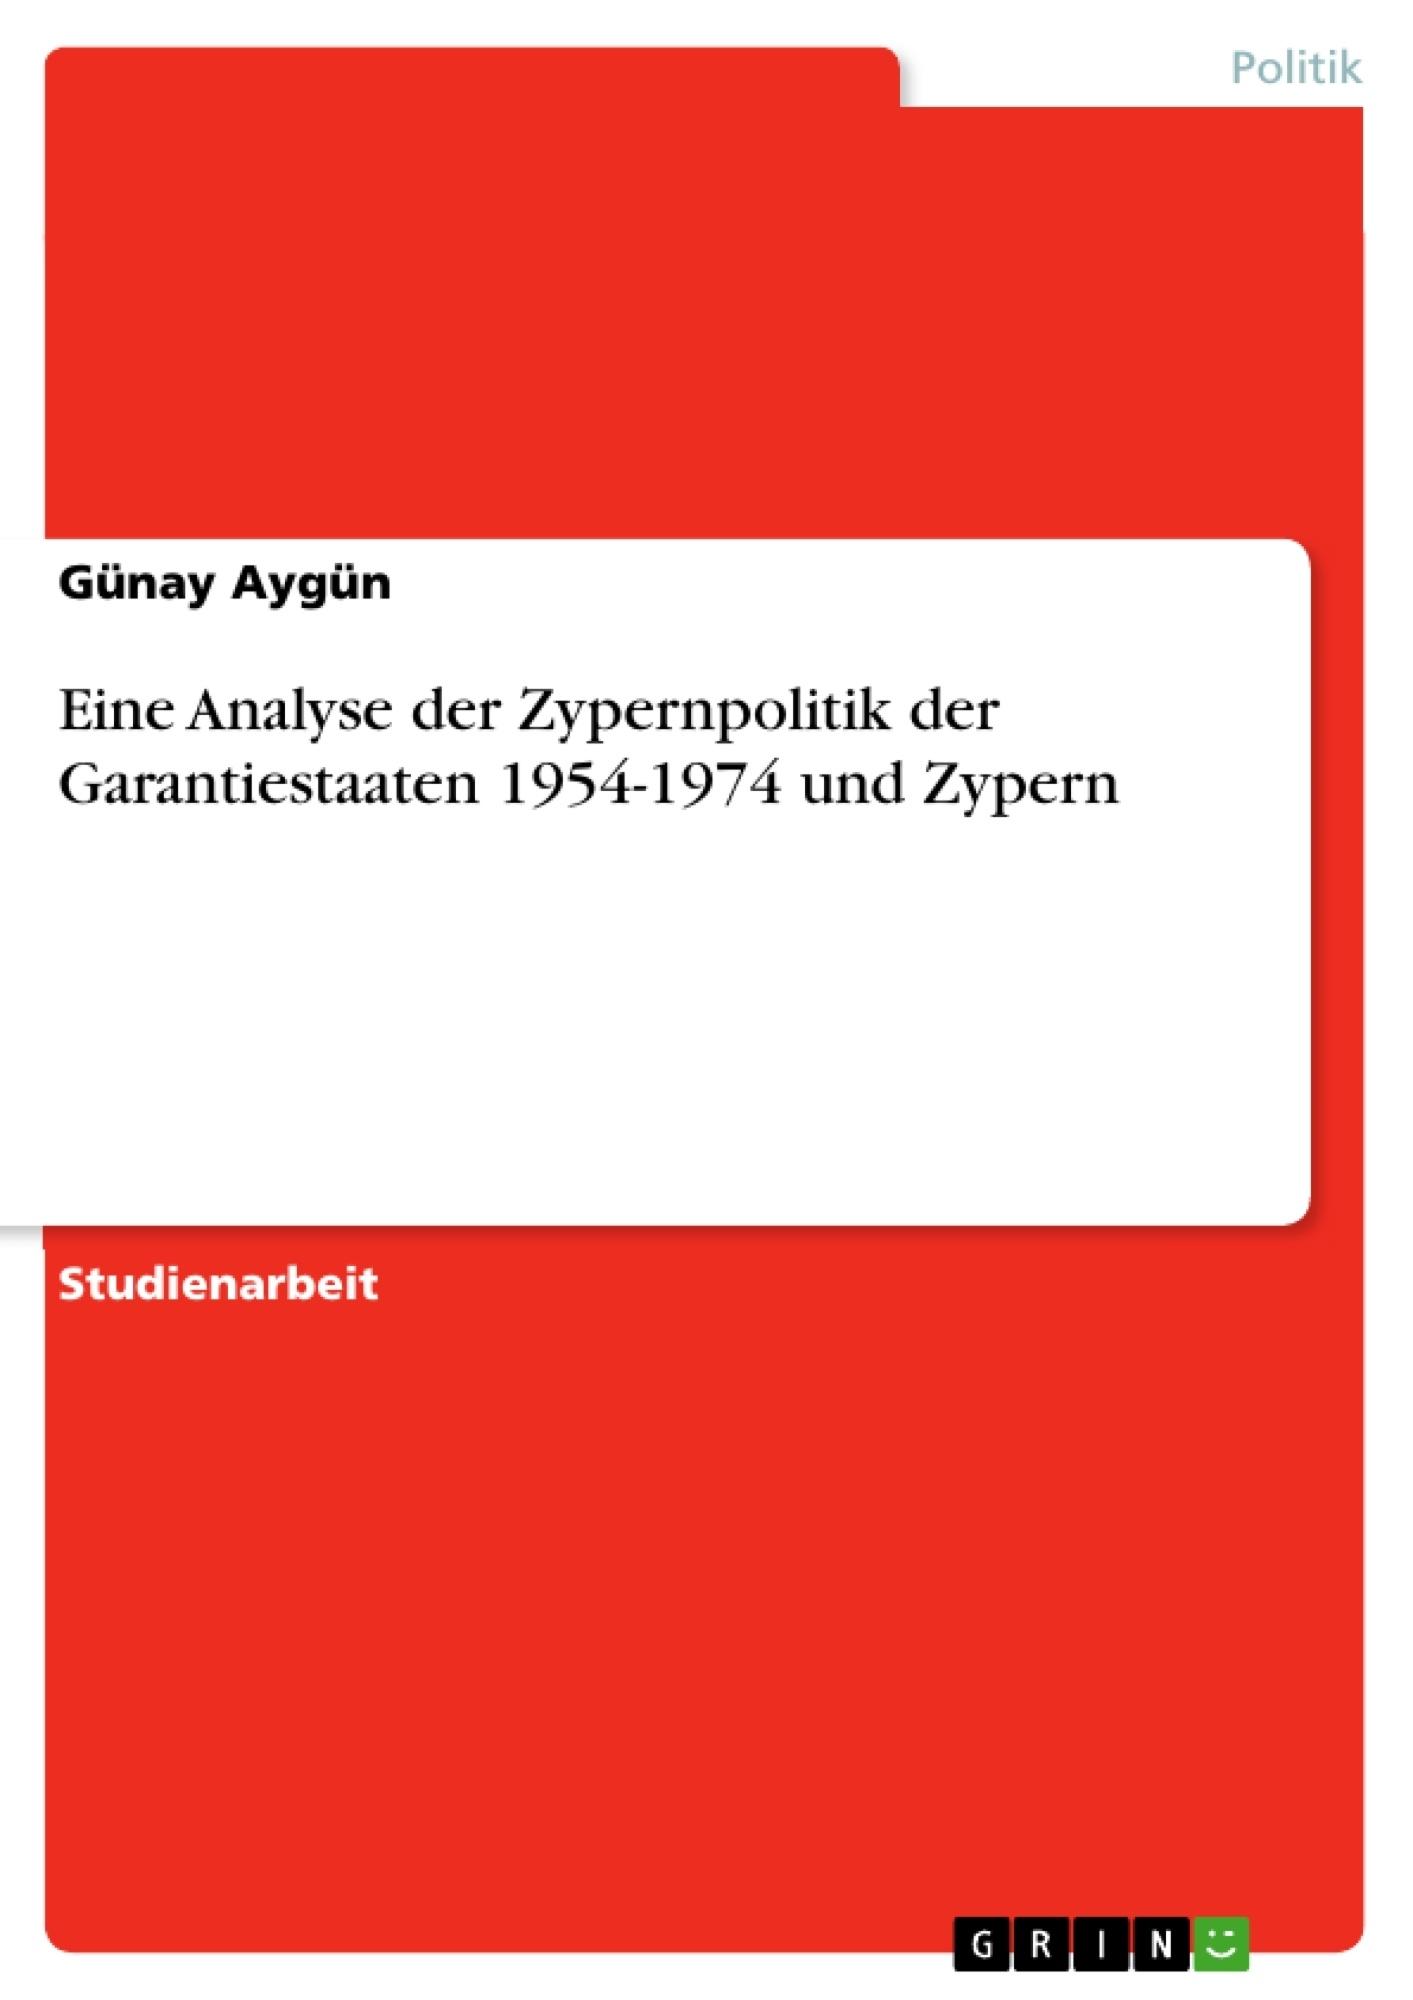 Titel: Eine Analyse der Zypernpolitik der Garantiestaaten 1954-1974 und Zypern